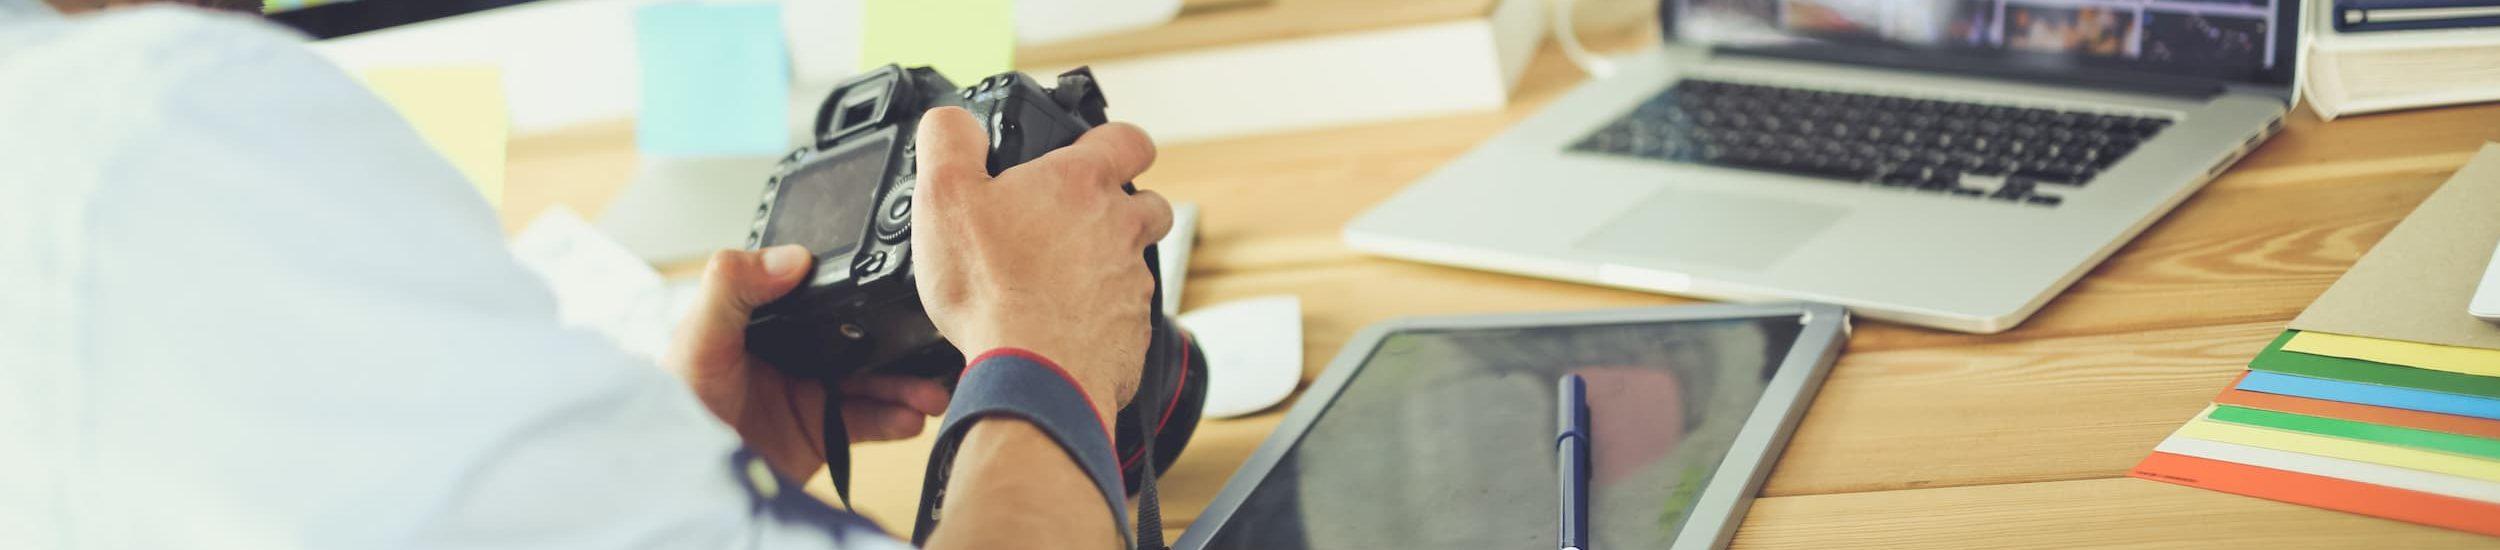 Архивные услуги для бизнеса фото